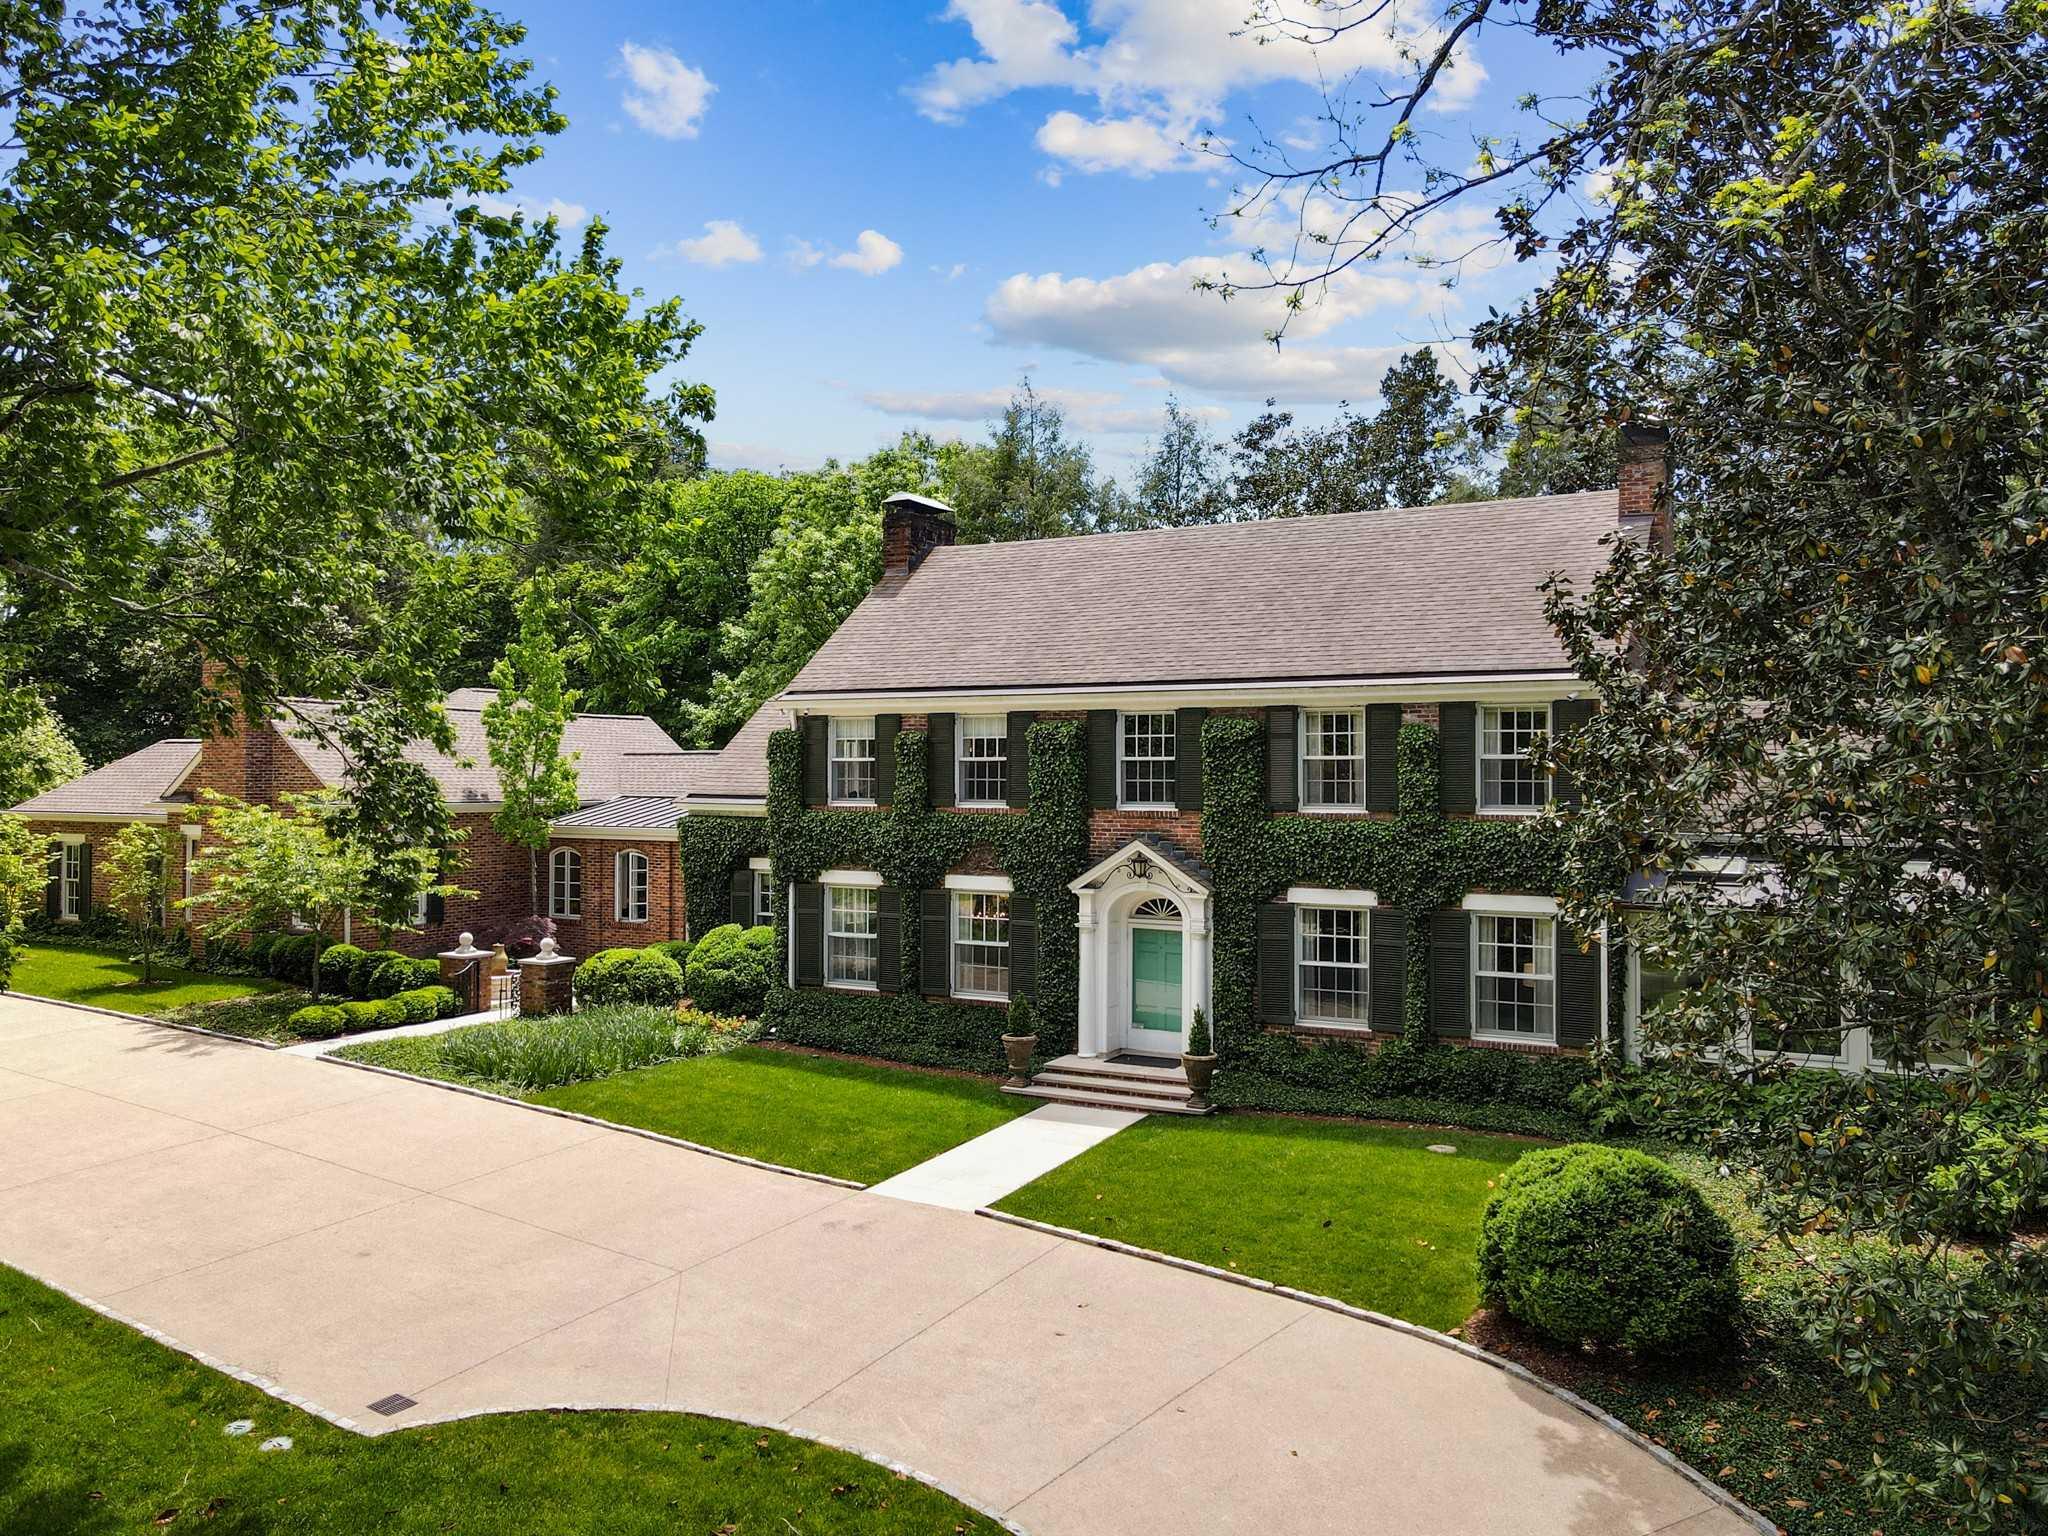 $5,495,000 - 4Br/5Ba -  for Sale in Belle Meade, Nashville